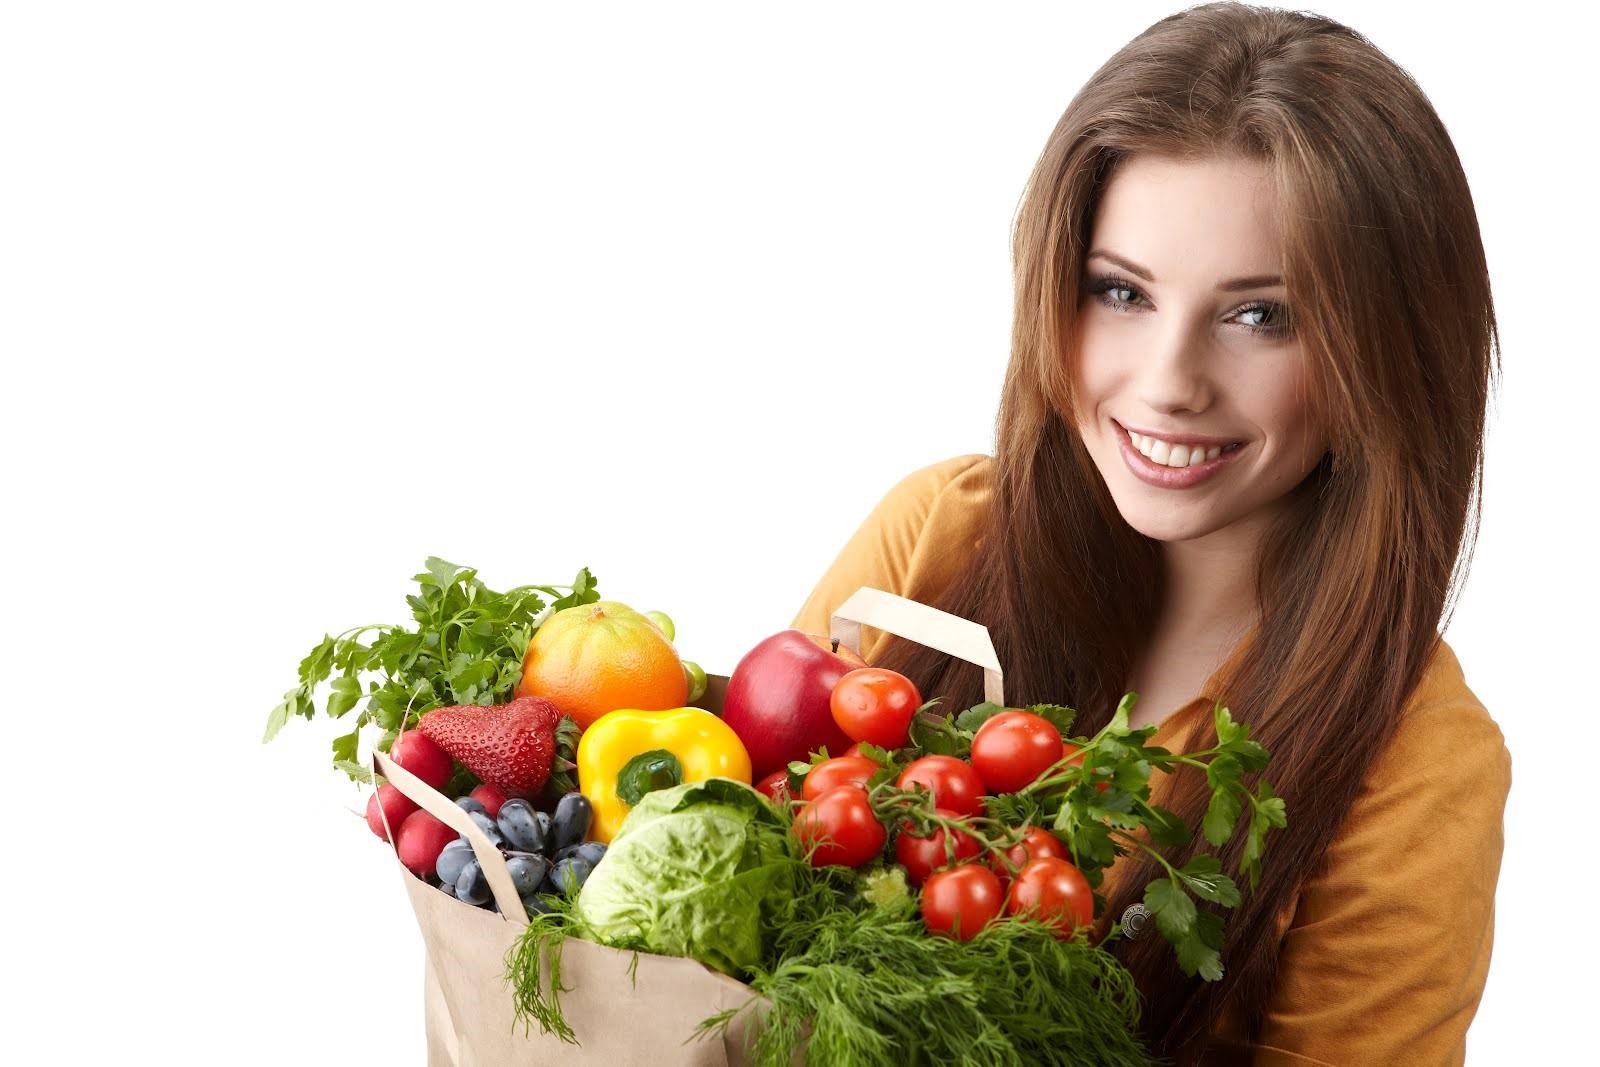 ăn gì thay cơm hoàn toàn khi giảm cân